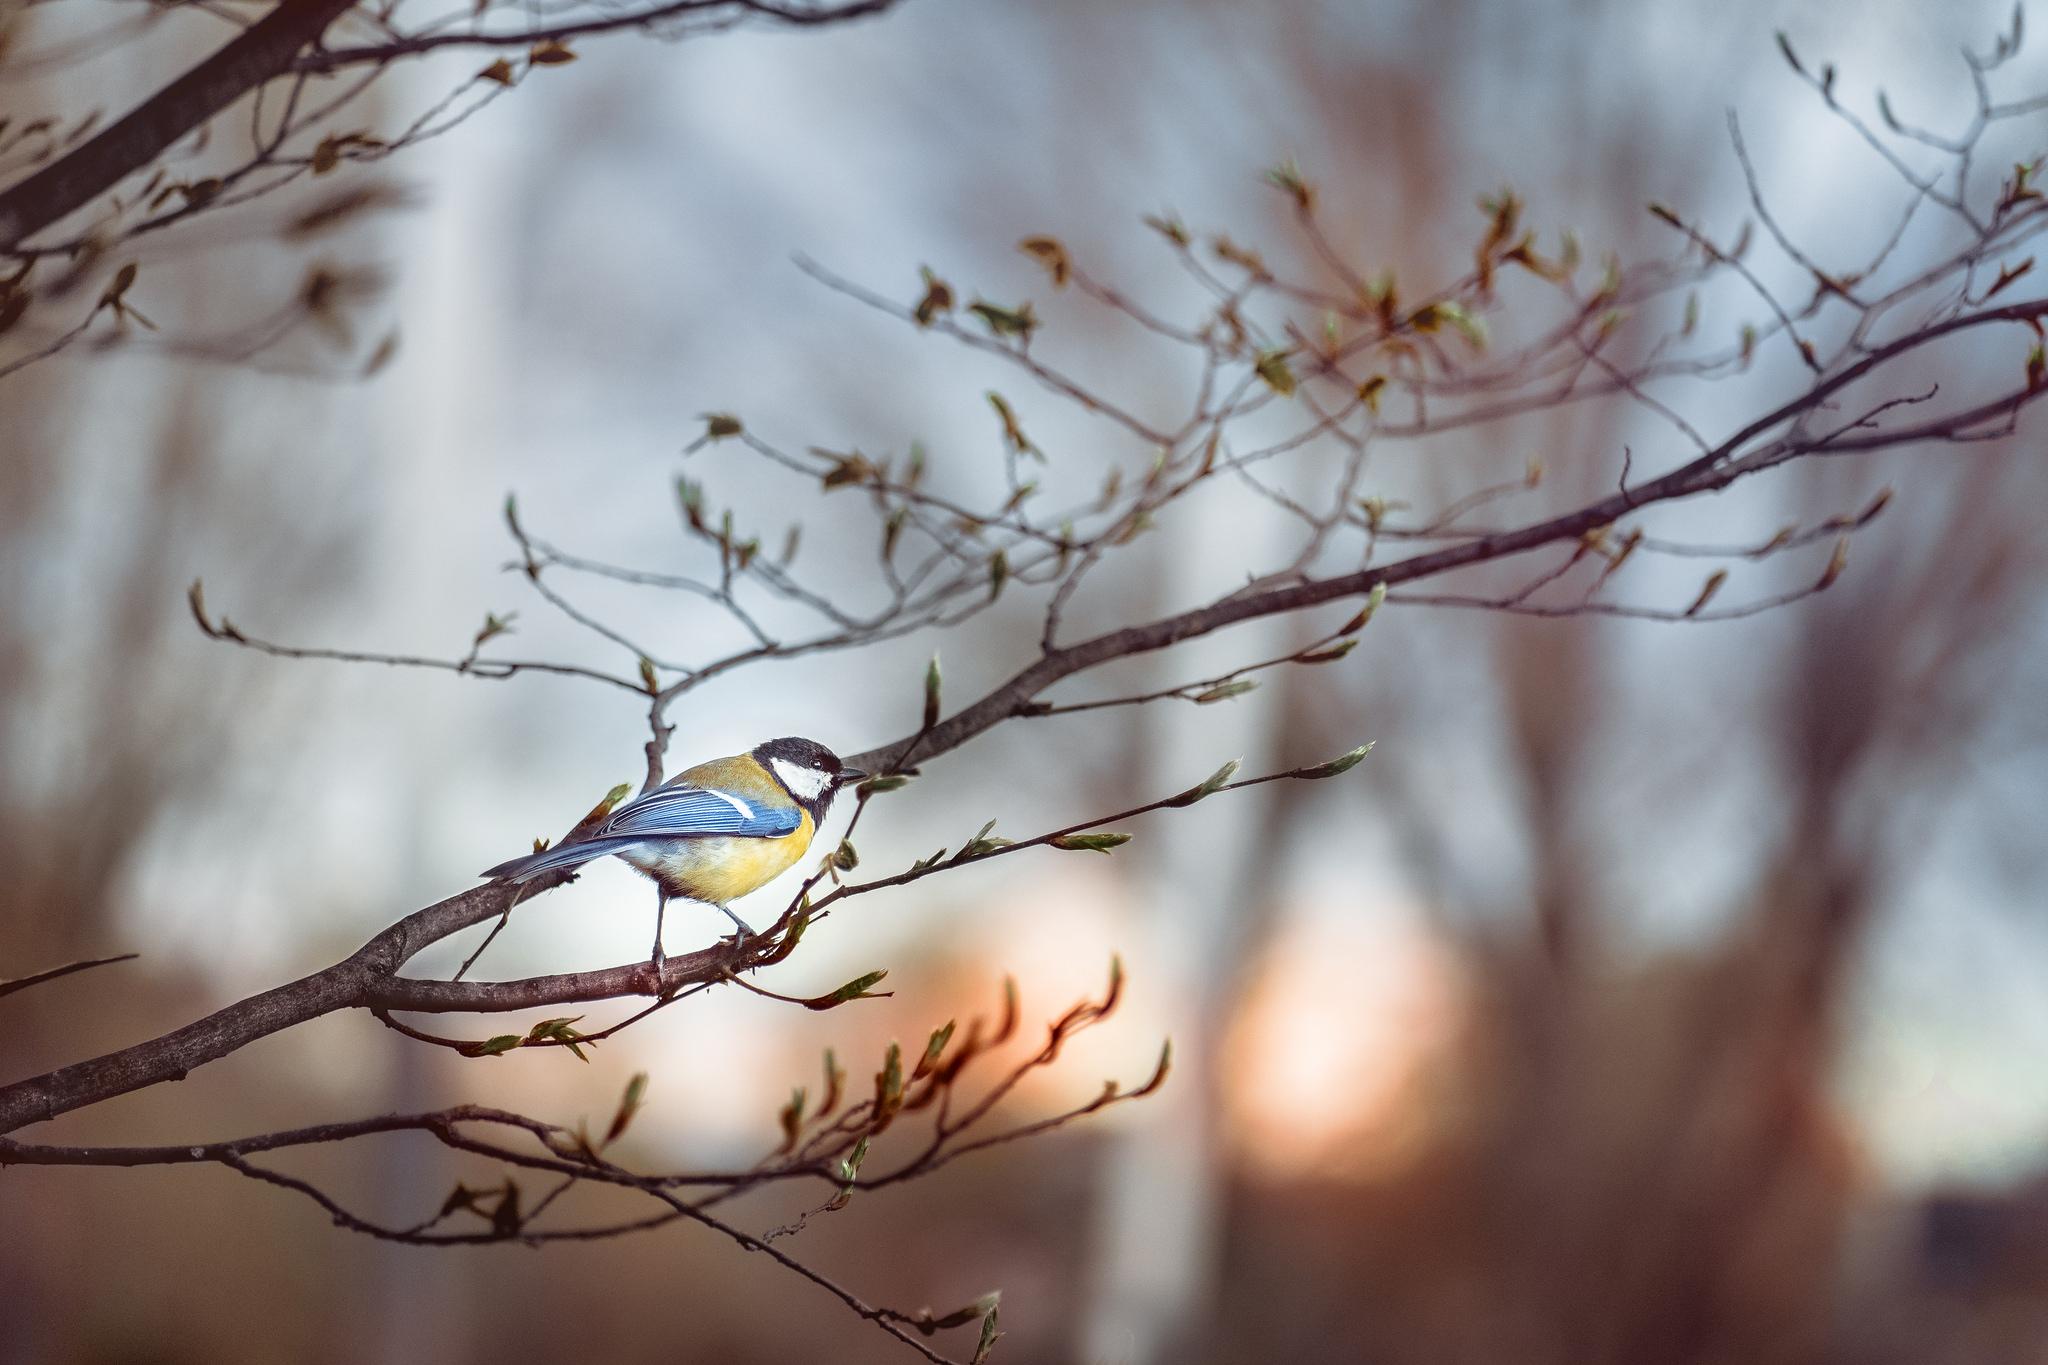 Etienne Regis Photographe à Toulouse, bird, first birds, oiseau, premiers oiseaux, branche, fleurs, natural, natural light, colours, lumière naturelle, extérieur, sun